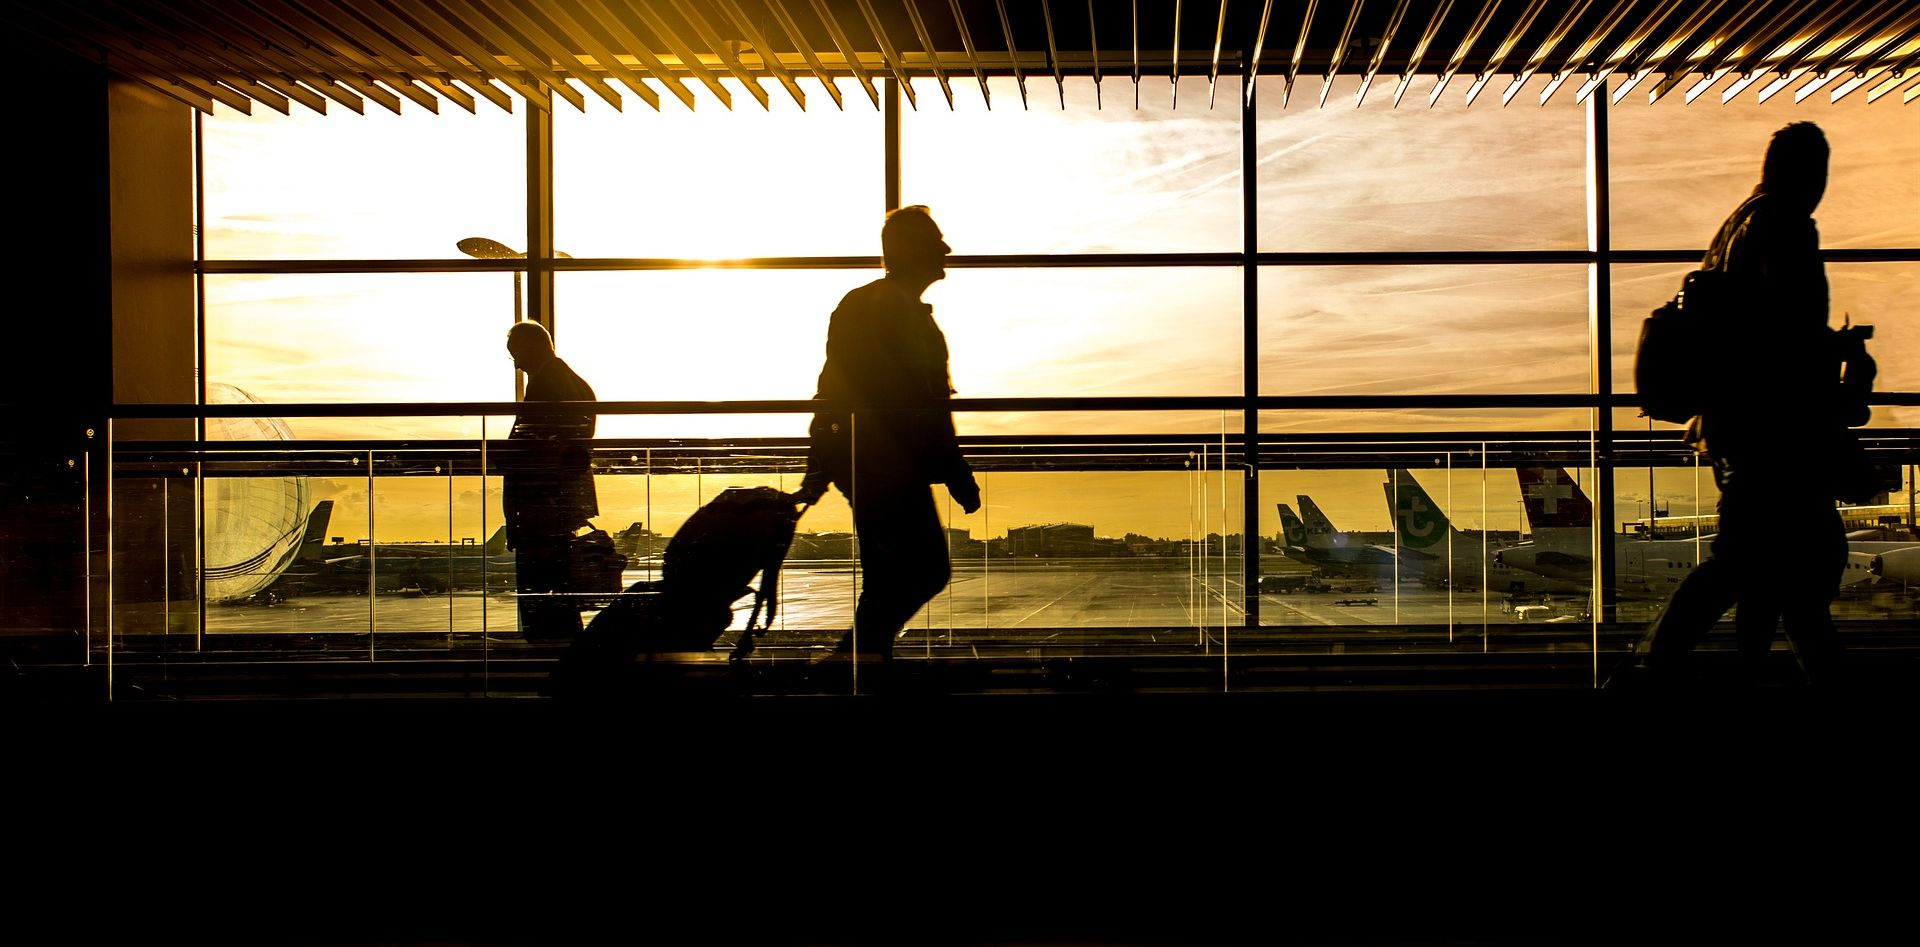 KANDAHAR Pet žena izrešetano ispred zračne luke, dobivale prijetnje zbog posla